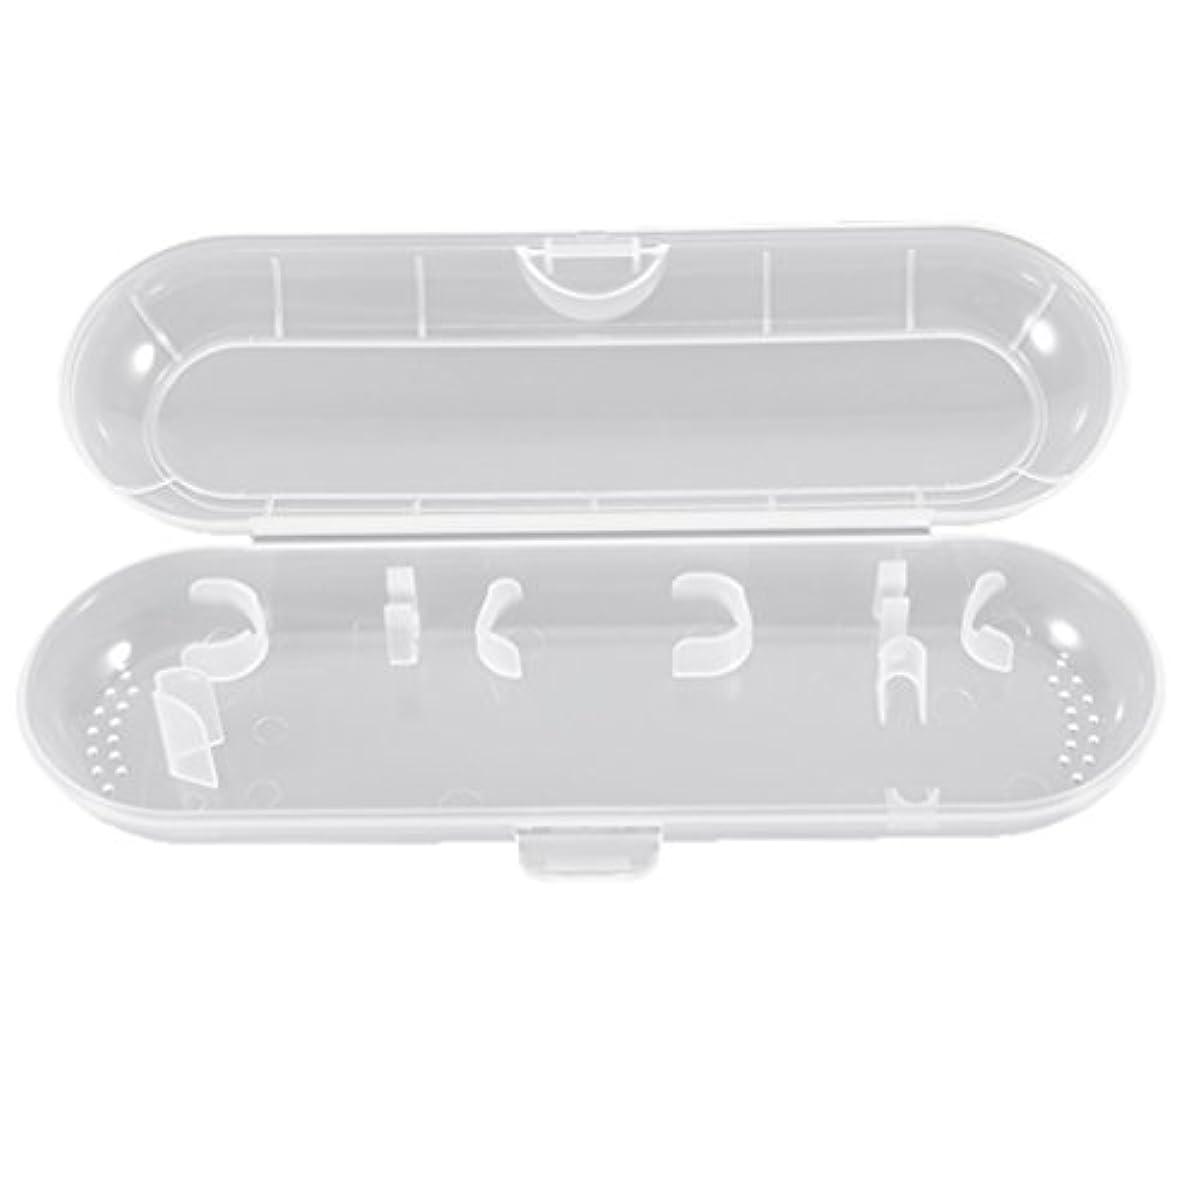 カメ候補者倫理的Honel 透明 電動歯ブラシ収納ボックス プラスチック 電動歯ブラシケース 収納ケース ブラウン オーラルB対応